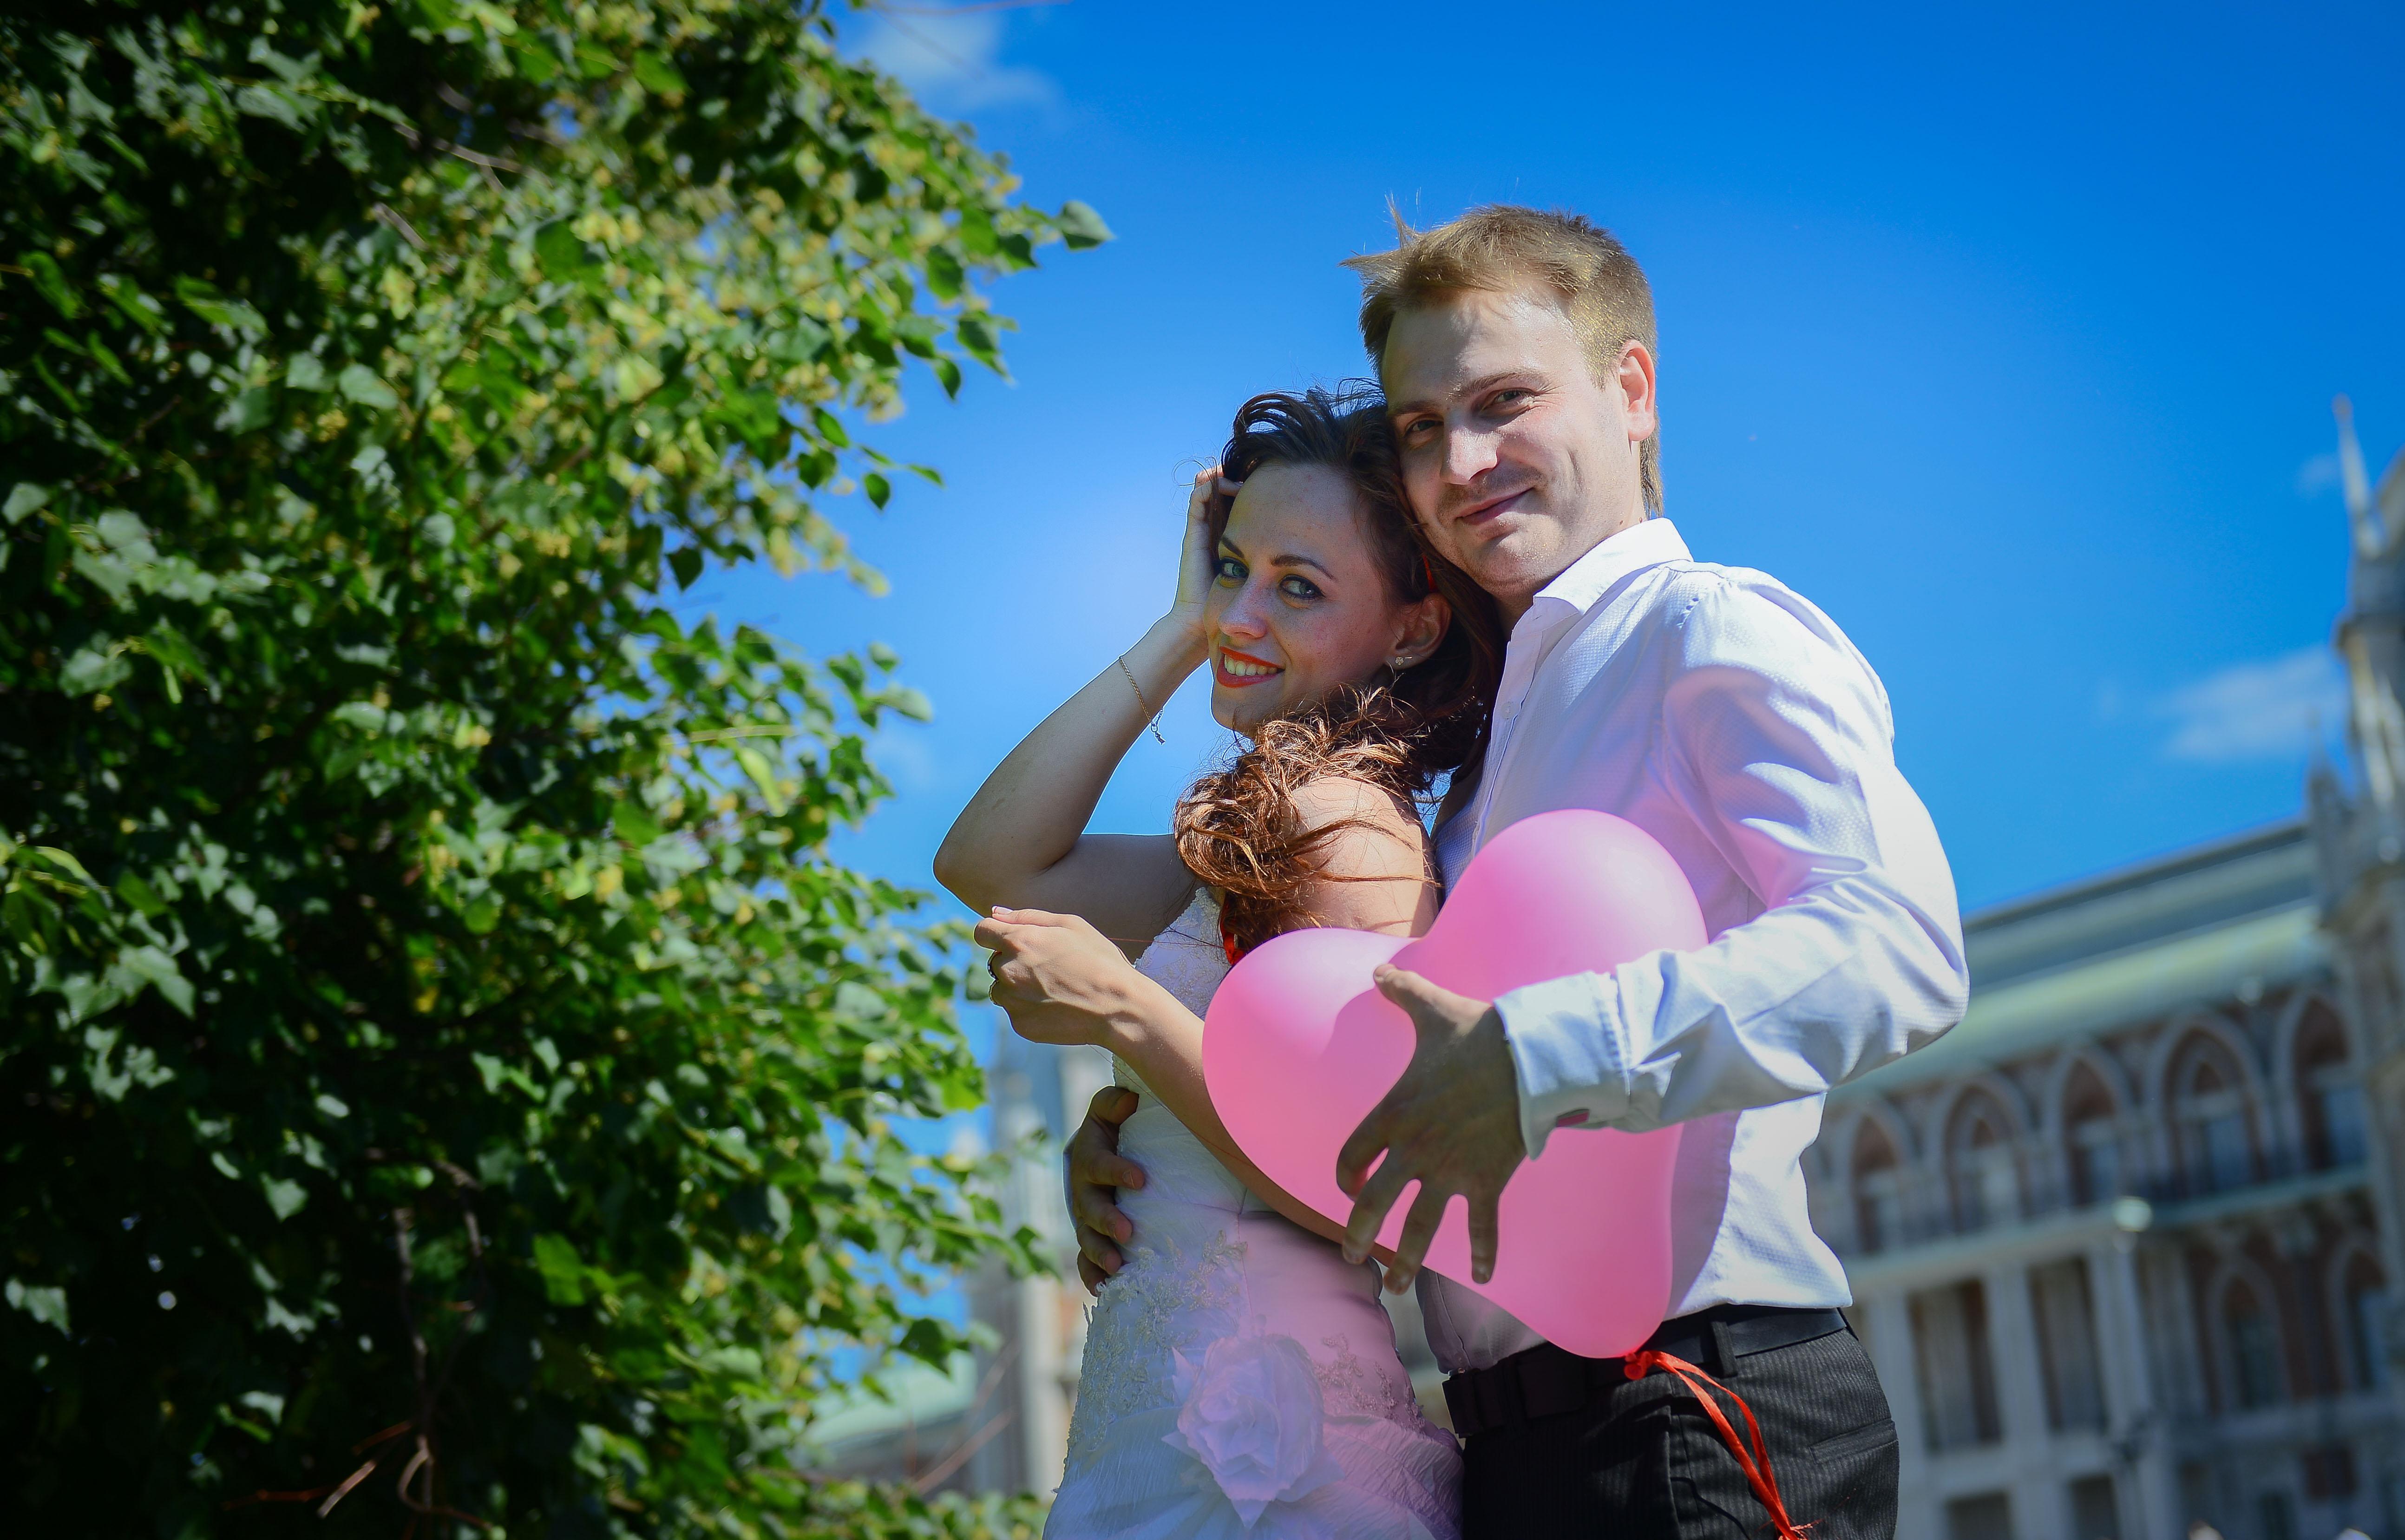 День «трех восьмерок» может побить рекорд по свадьбам в Москве